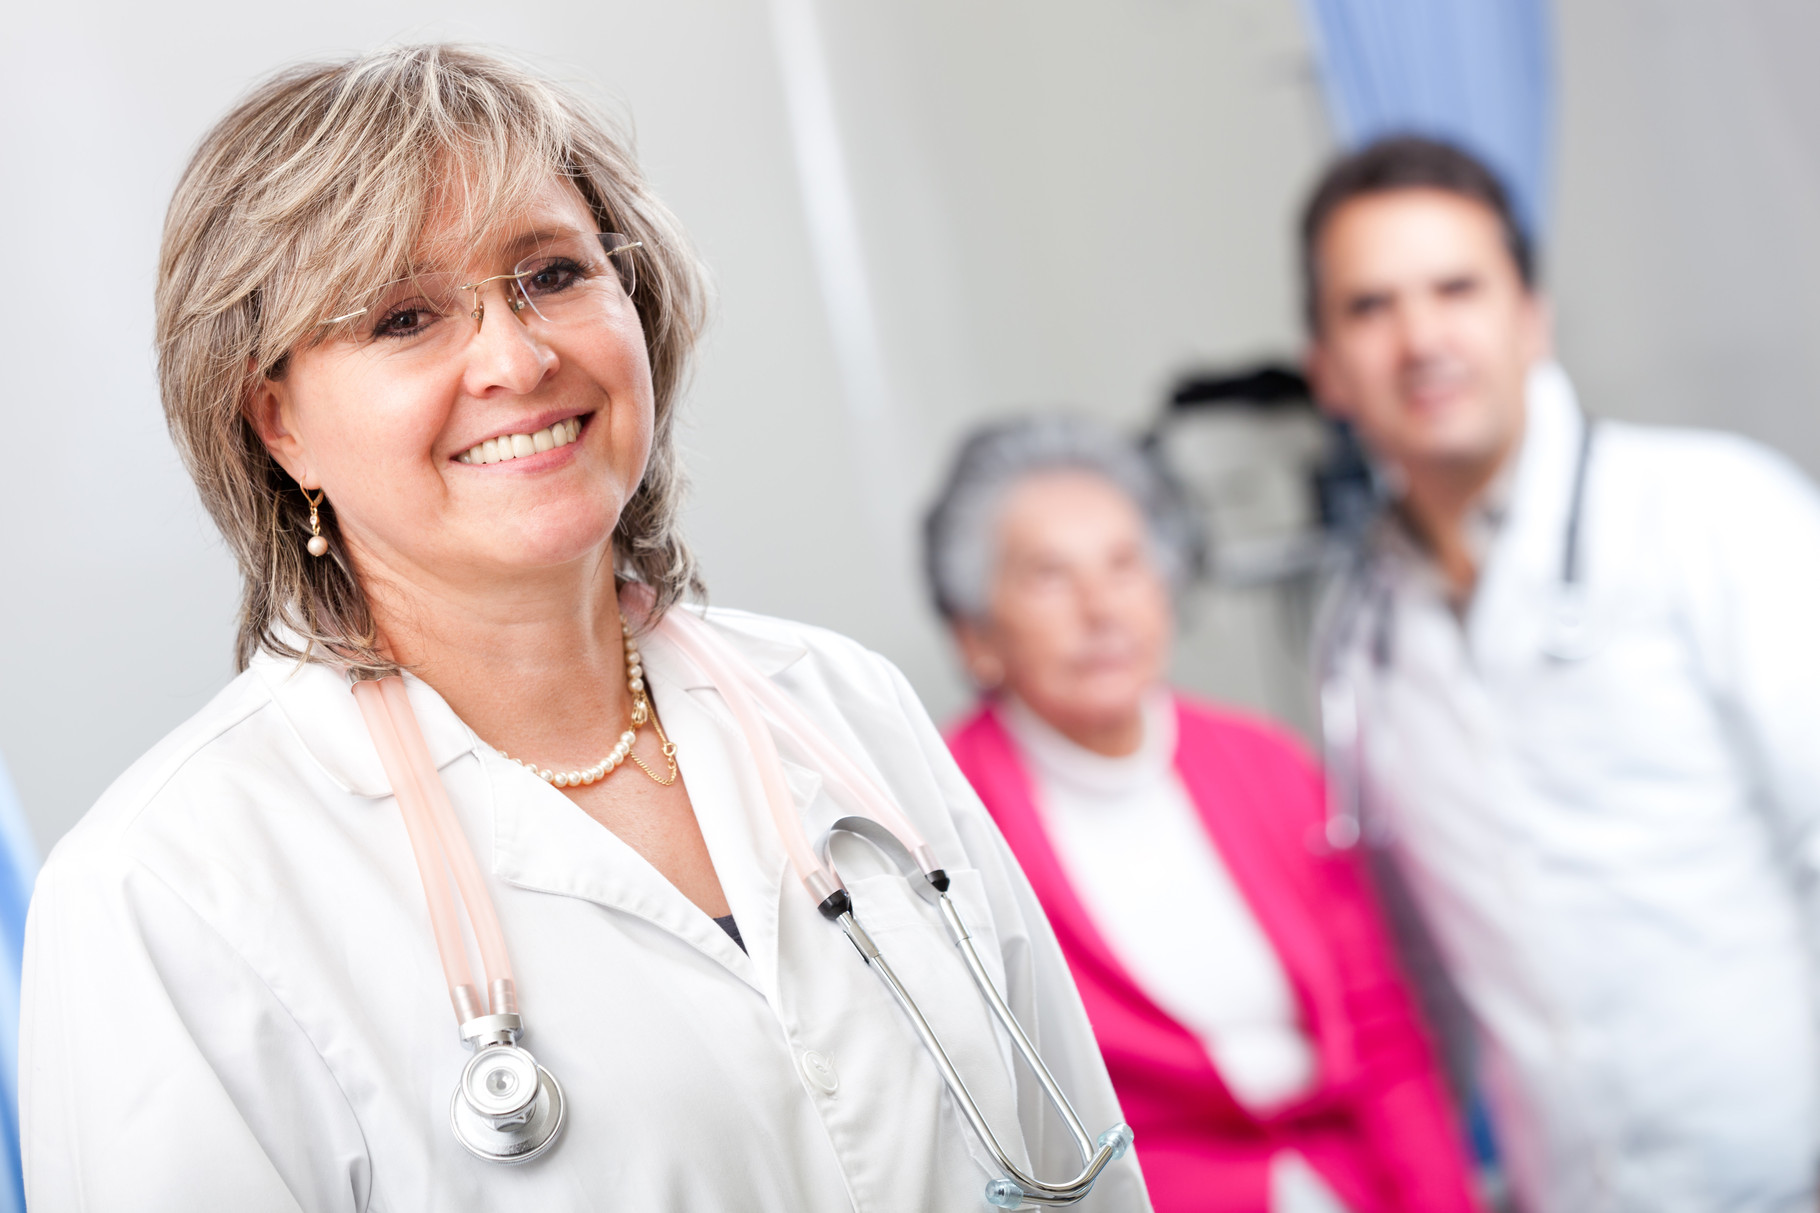 pri-medical Healthcare - Humanmedizin